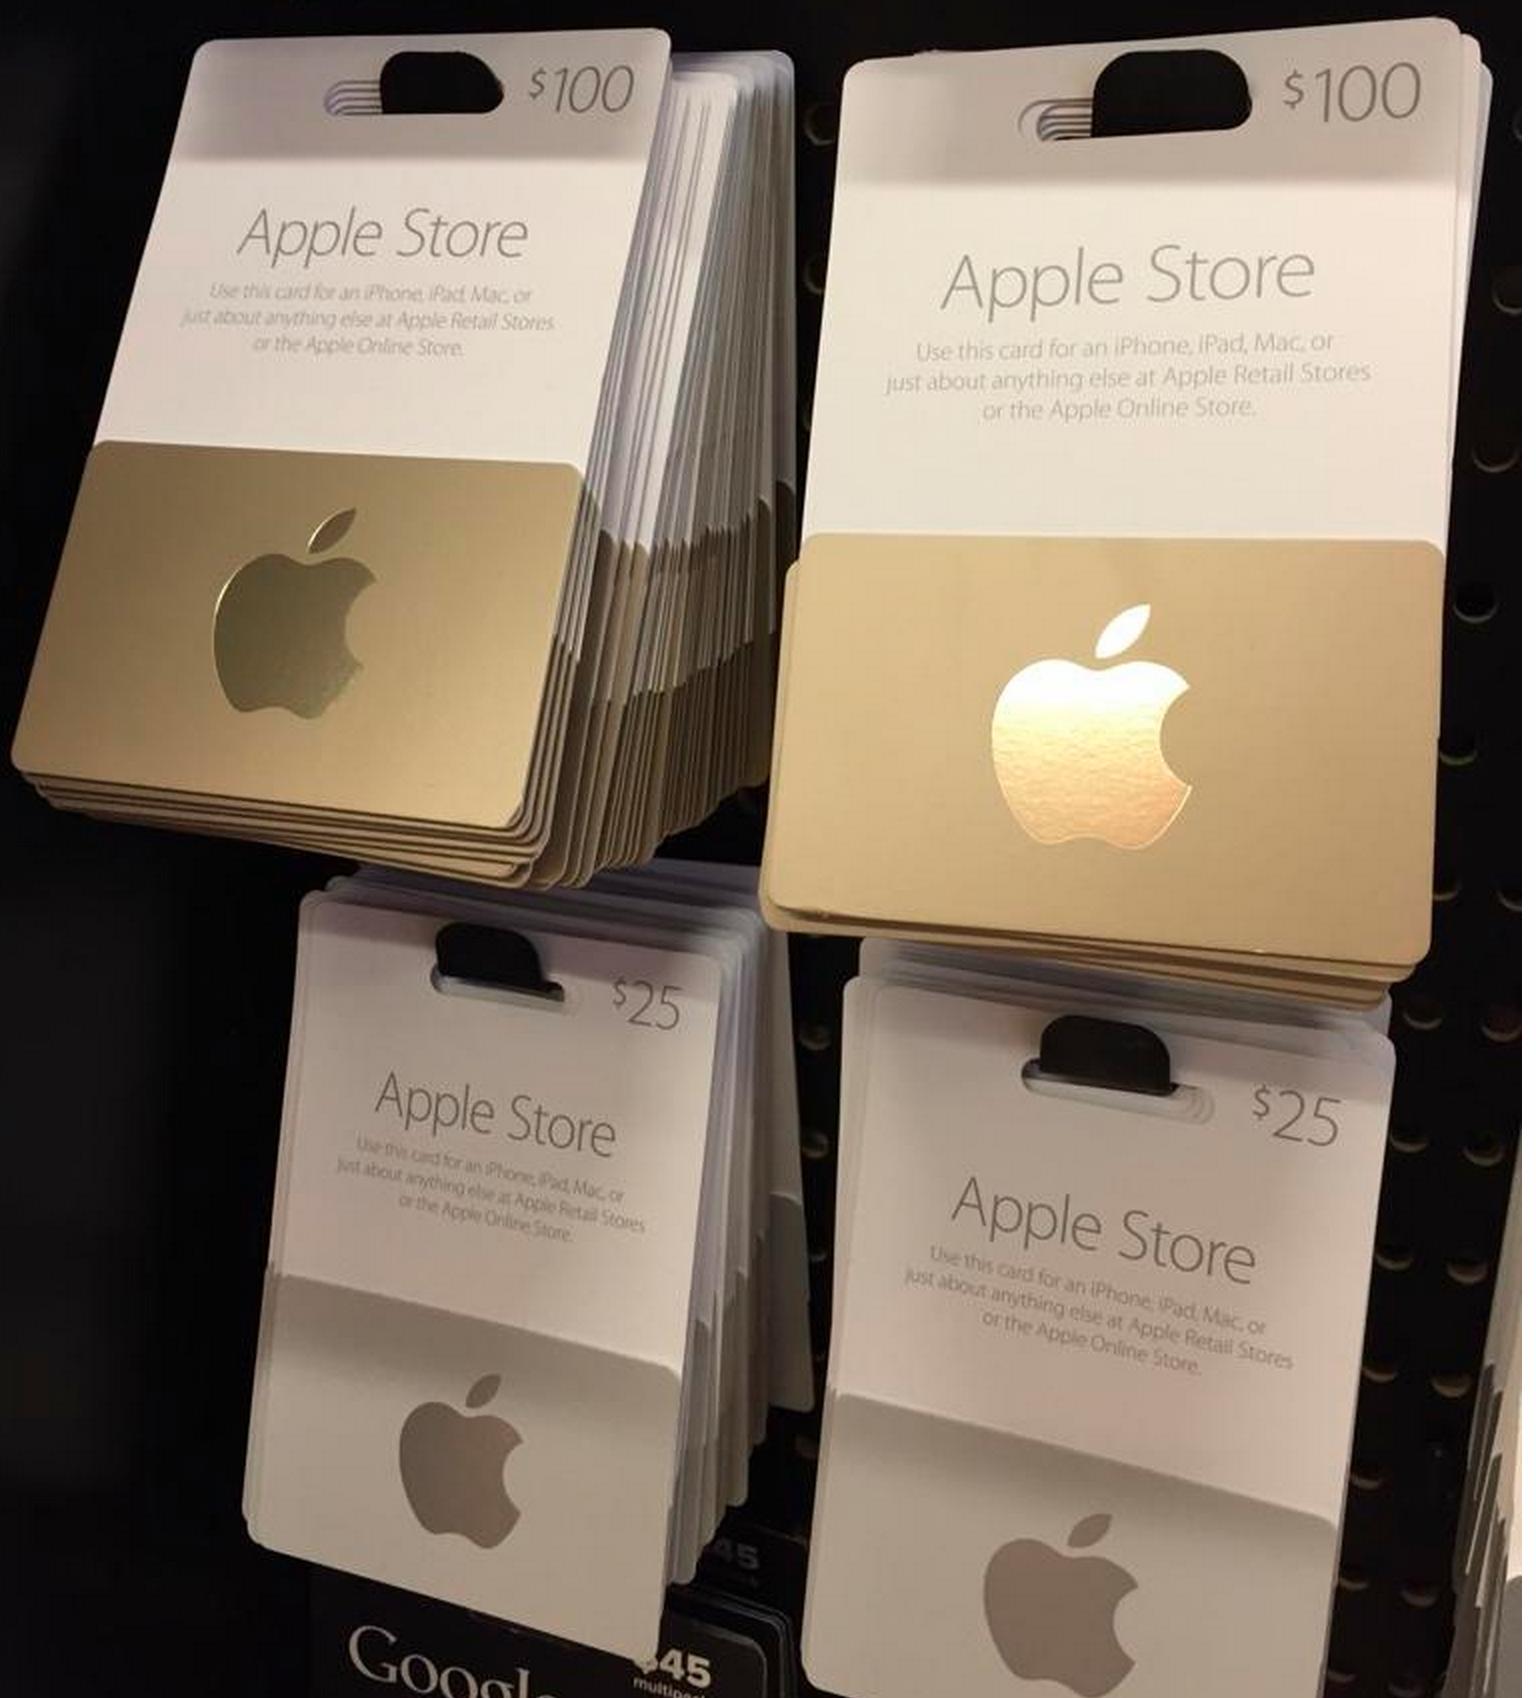 data_applenews_gift_cards_gold_apple